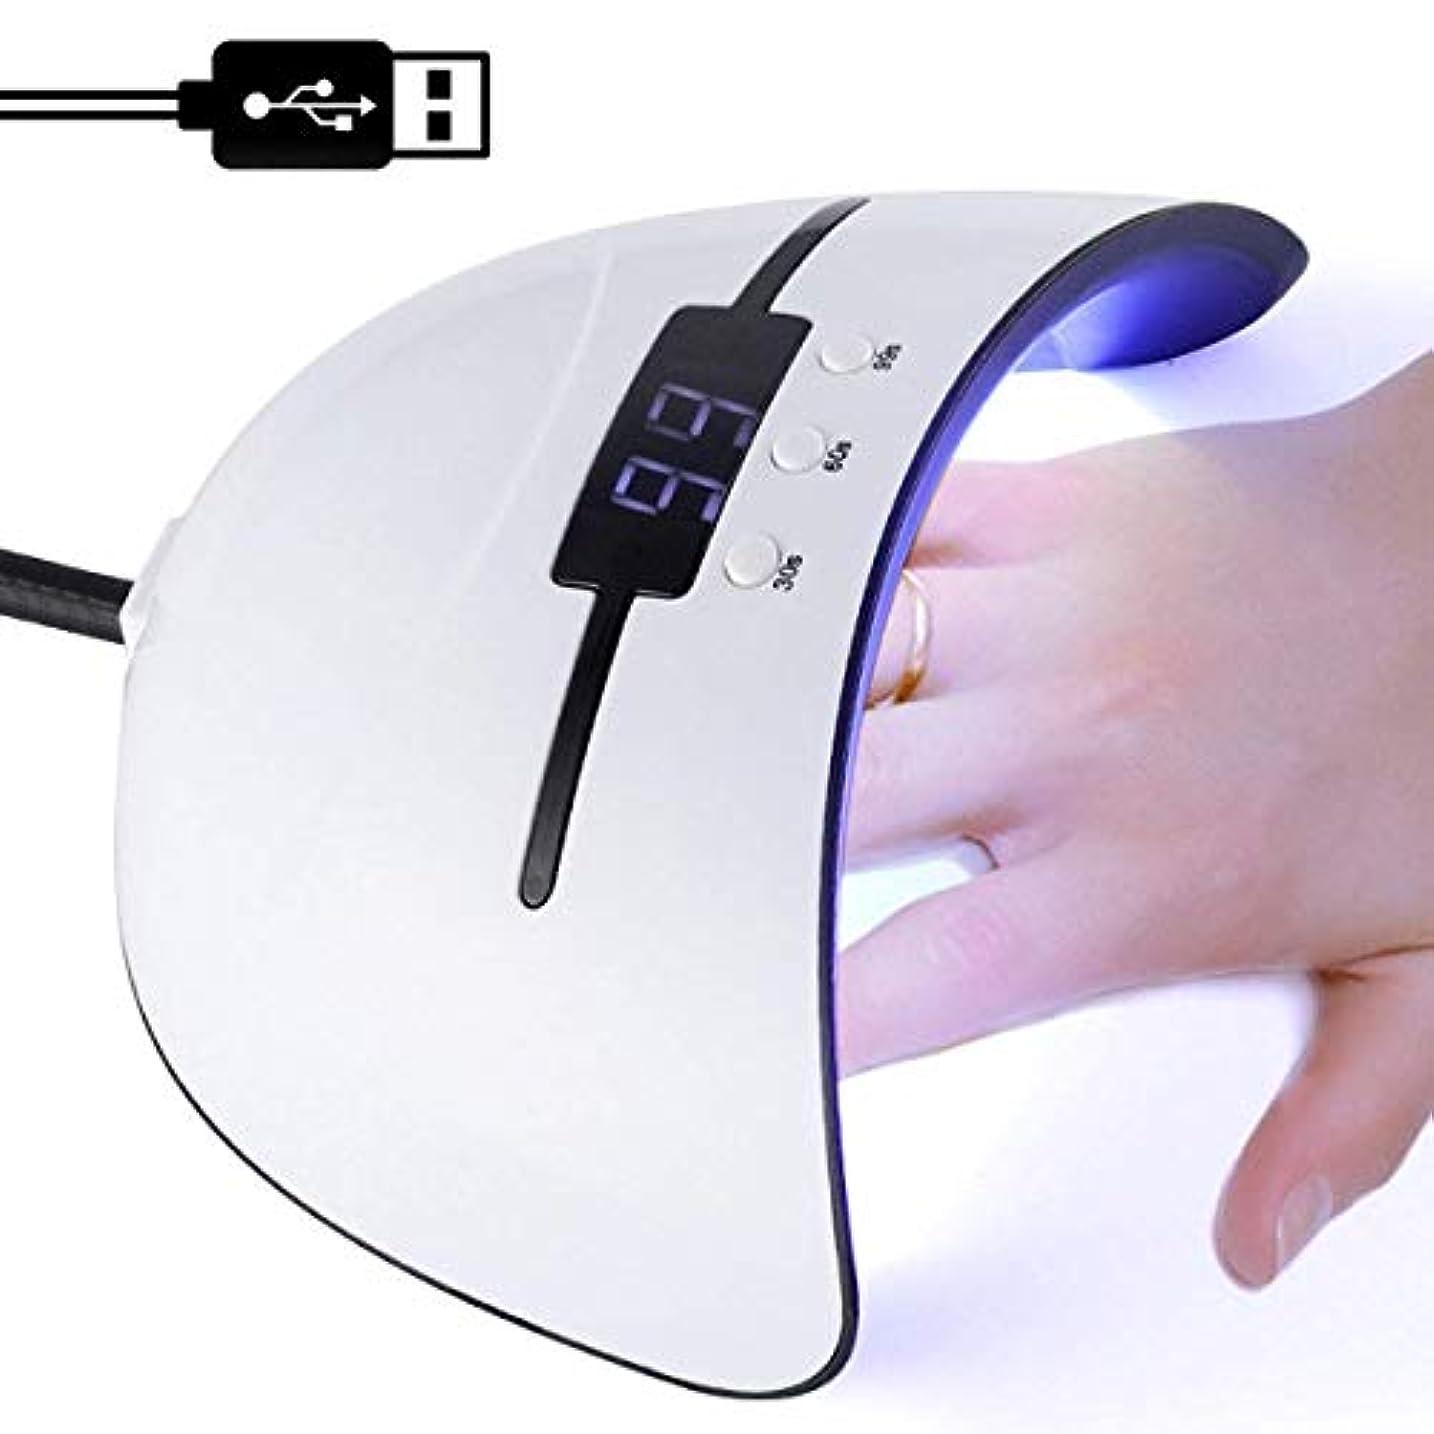 仮説マウスピース承認ネイルドライヤー 硬化用ライト 36w 美肌搭載 爪の薄い女性でも安心 液晶モニター センサーが感知 全ジェル対応 LED UV ネイルライト